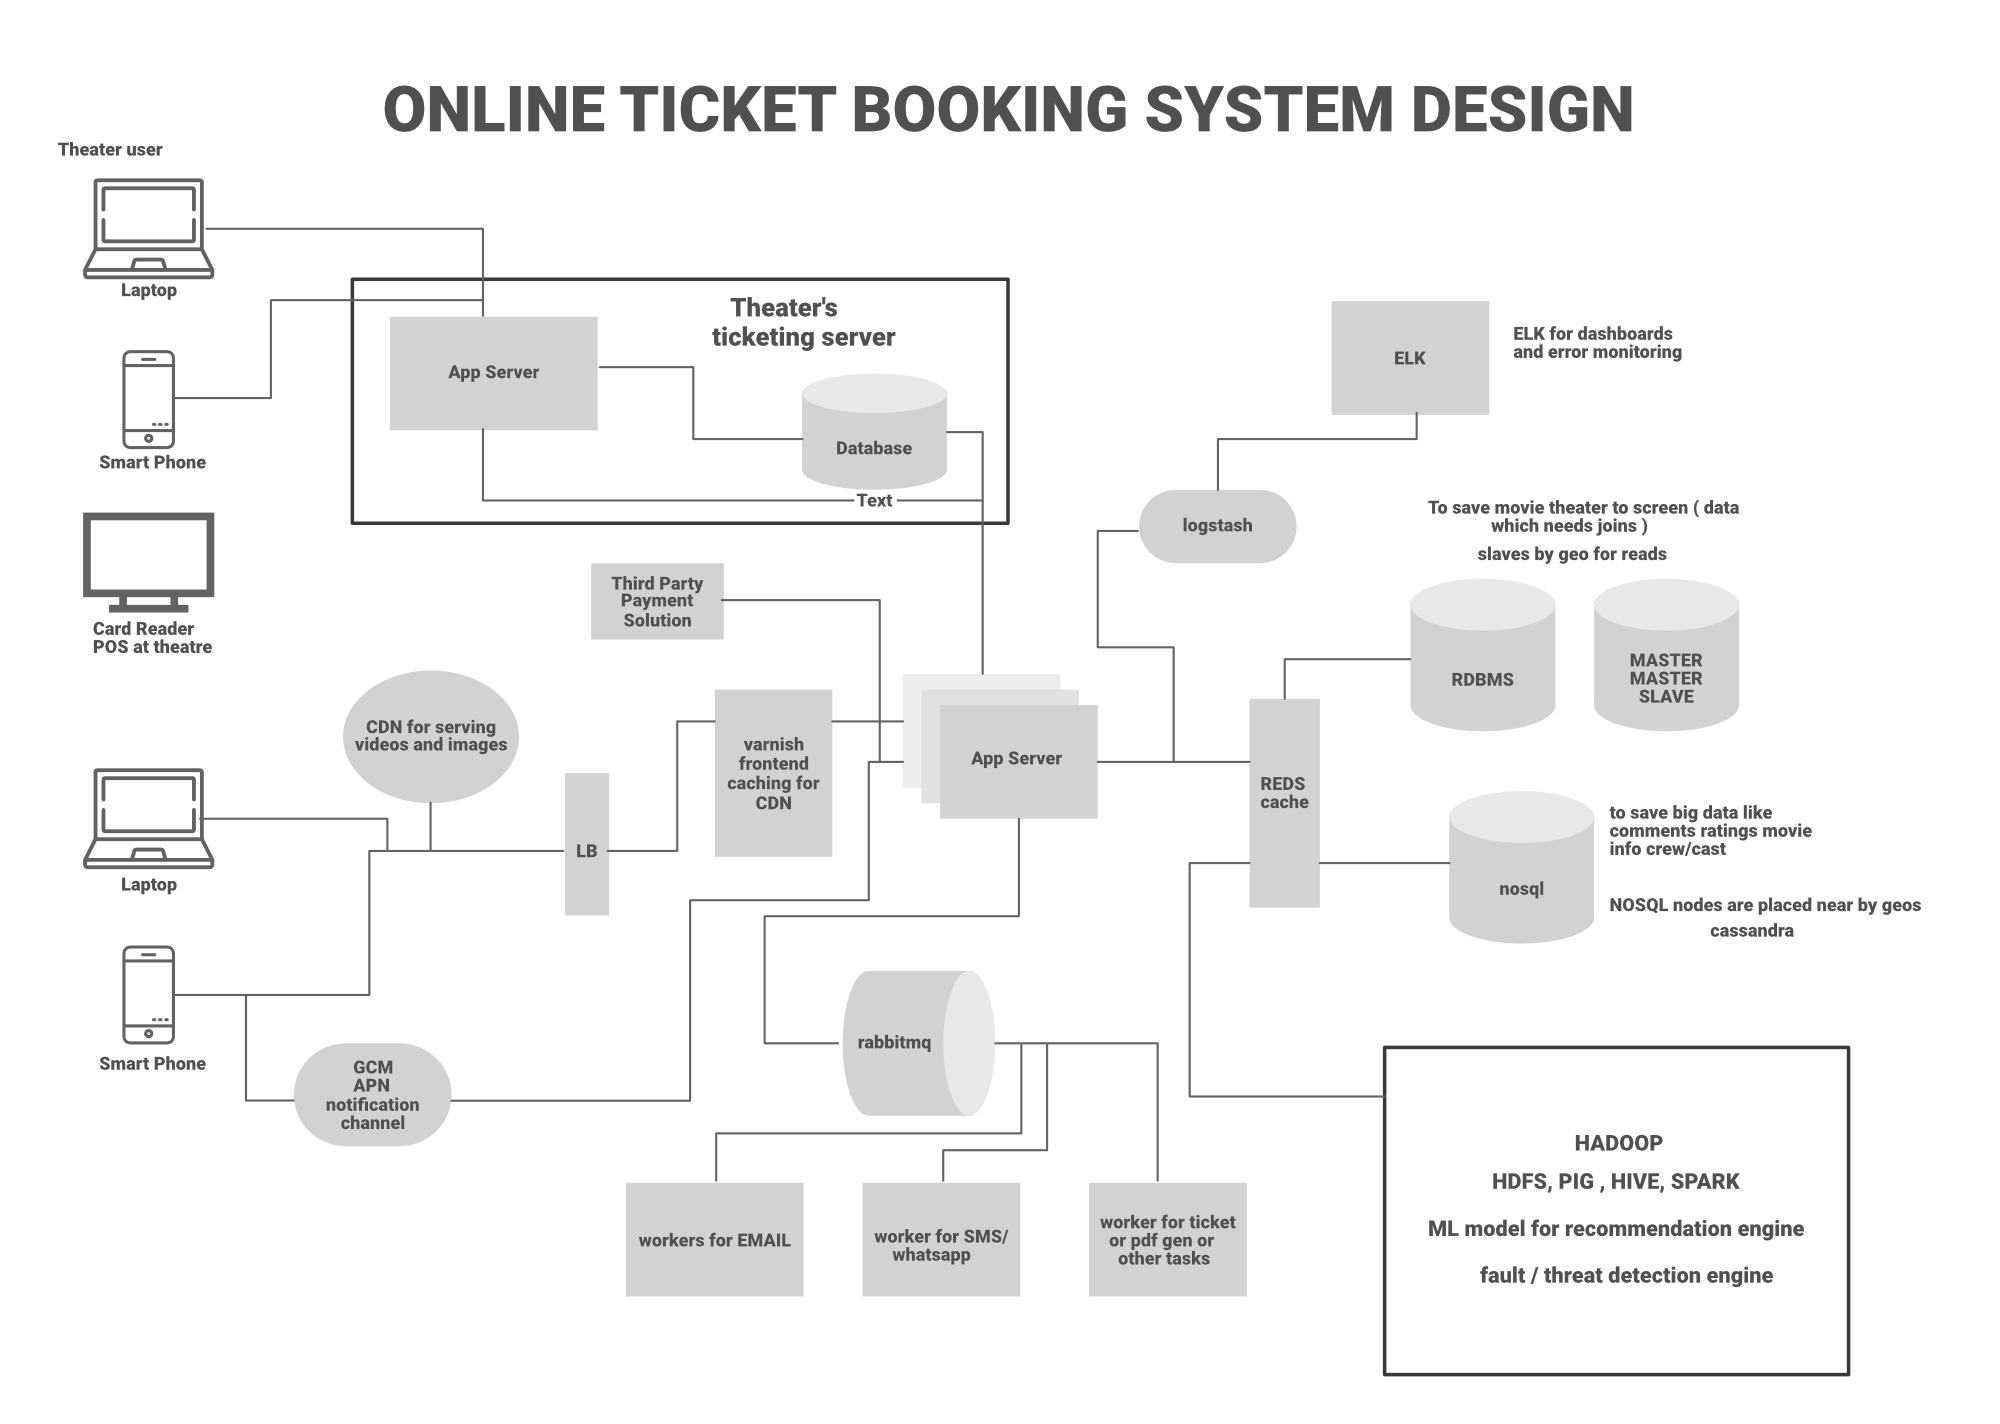 BookMyShow-Hight-Level-Architecture